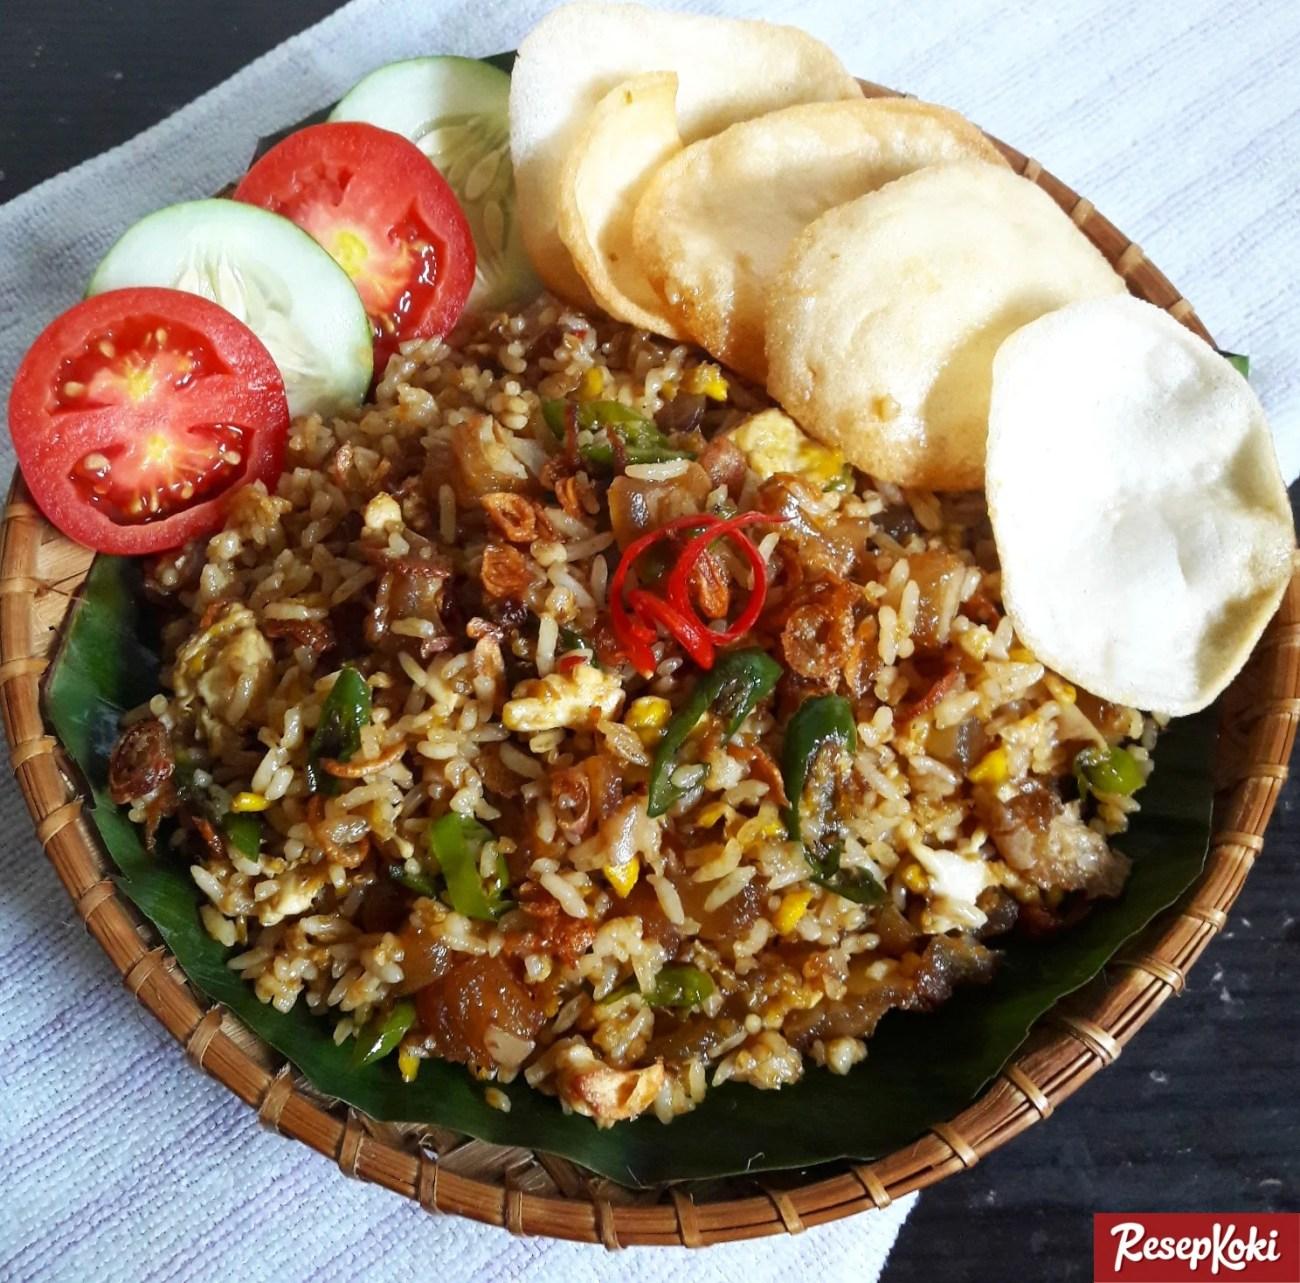 Resep Nasi Goreng Kikil Cabe Hijau